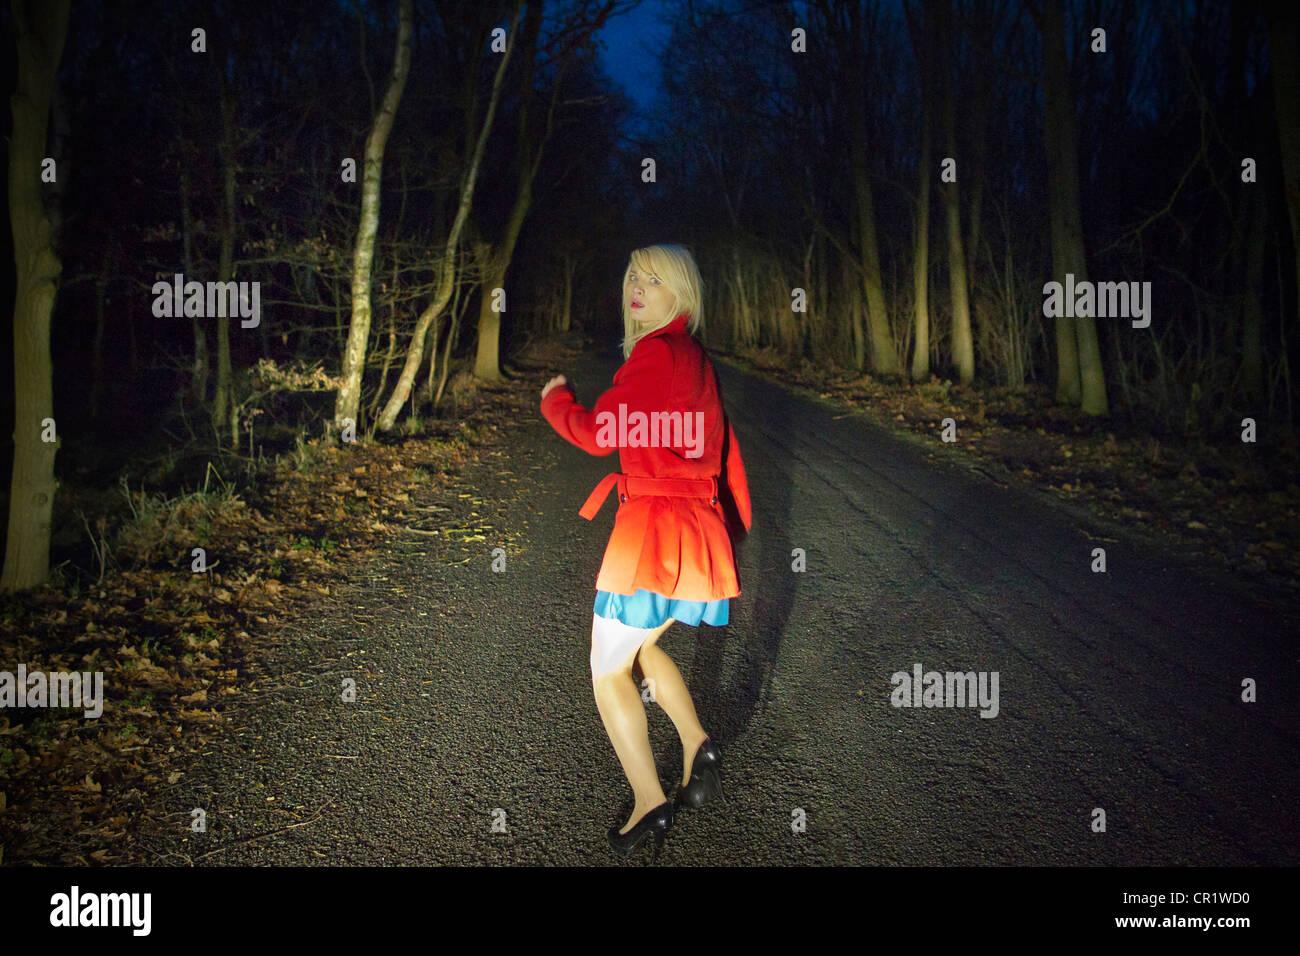 Frau läuft in der Angst im Wald bei Nacht Stockbild